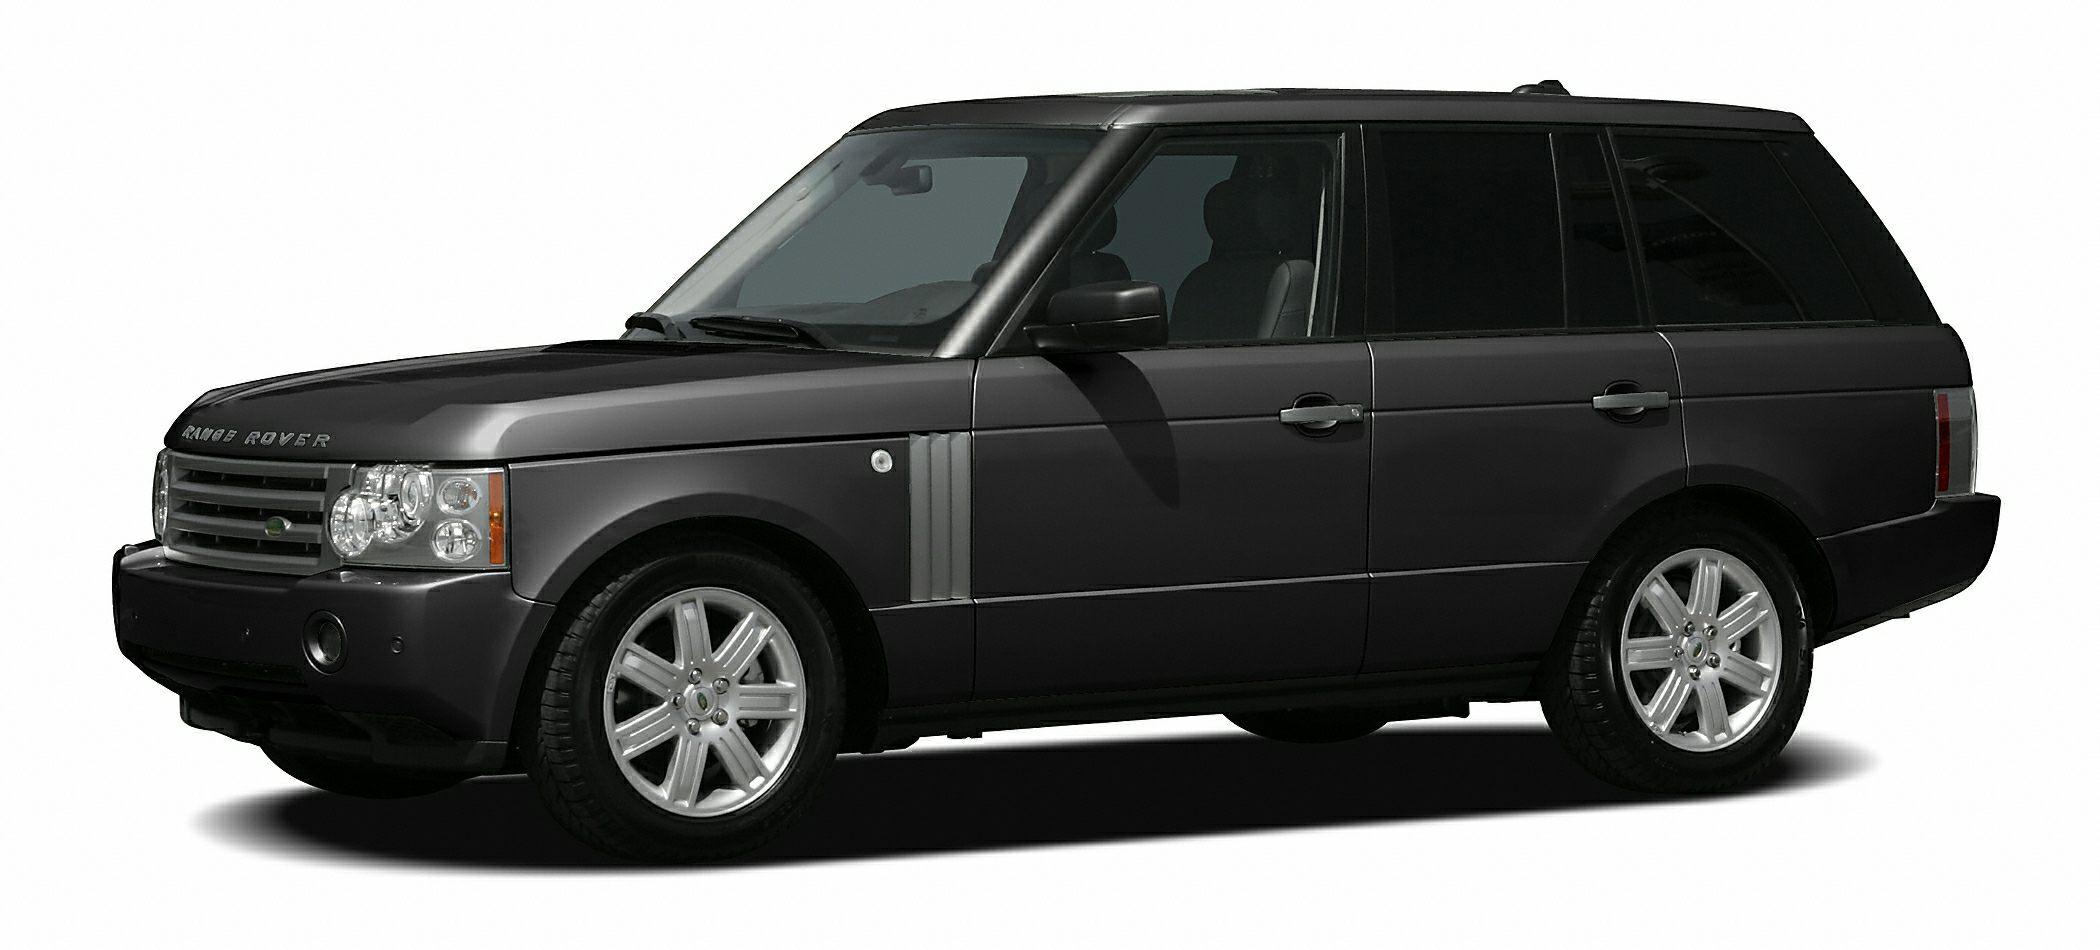 2006 Land Rover Range Rover HSE Miles 91077Color Black Stock 16269 VIN SALME15406A236728